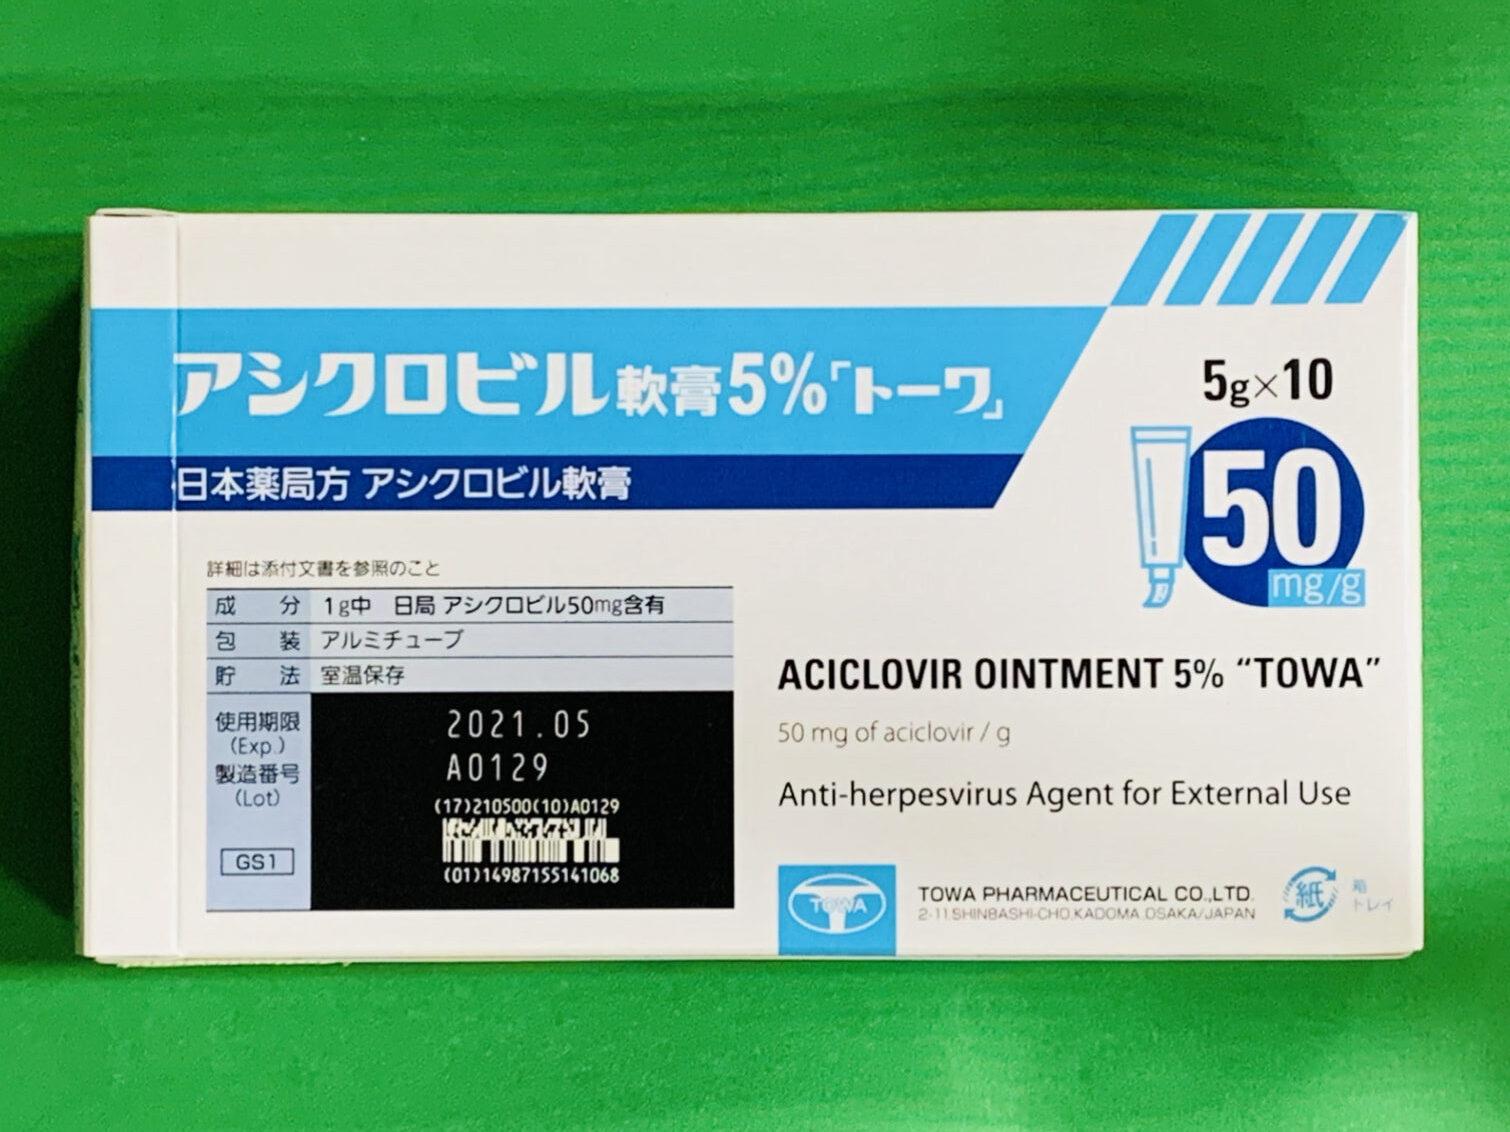 アシクロビル軟膏5%「トーワ」